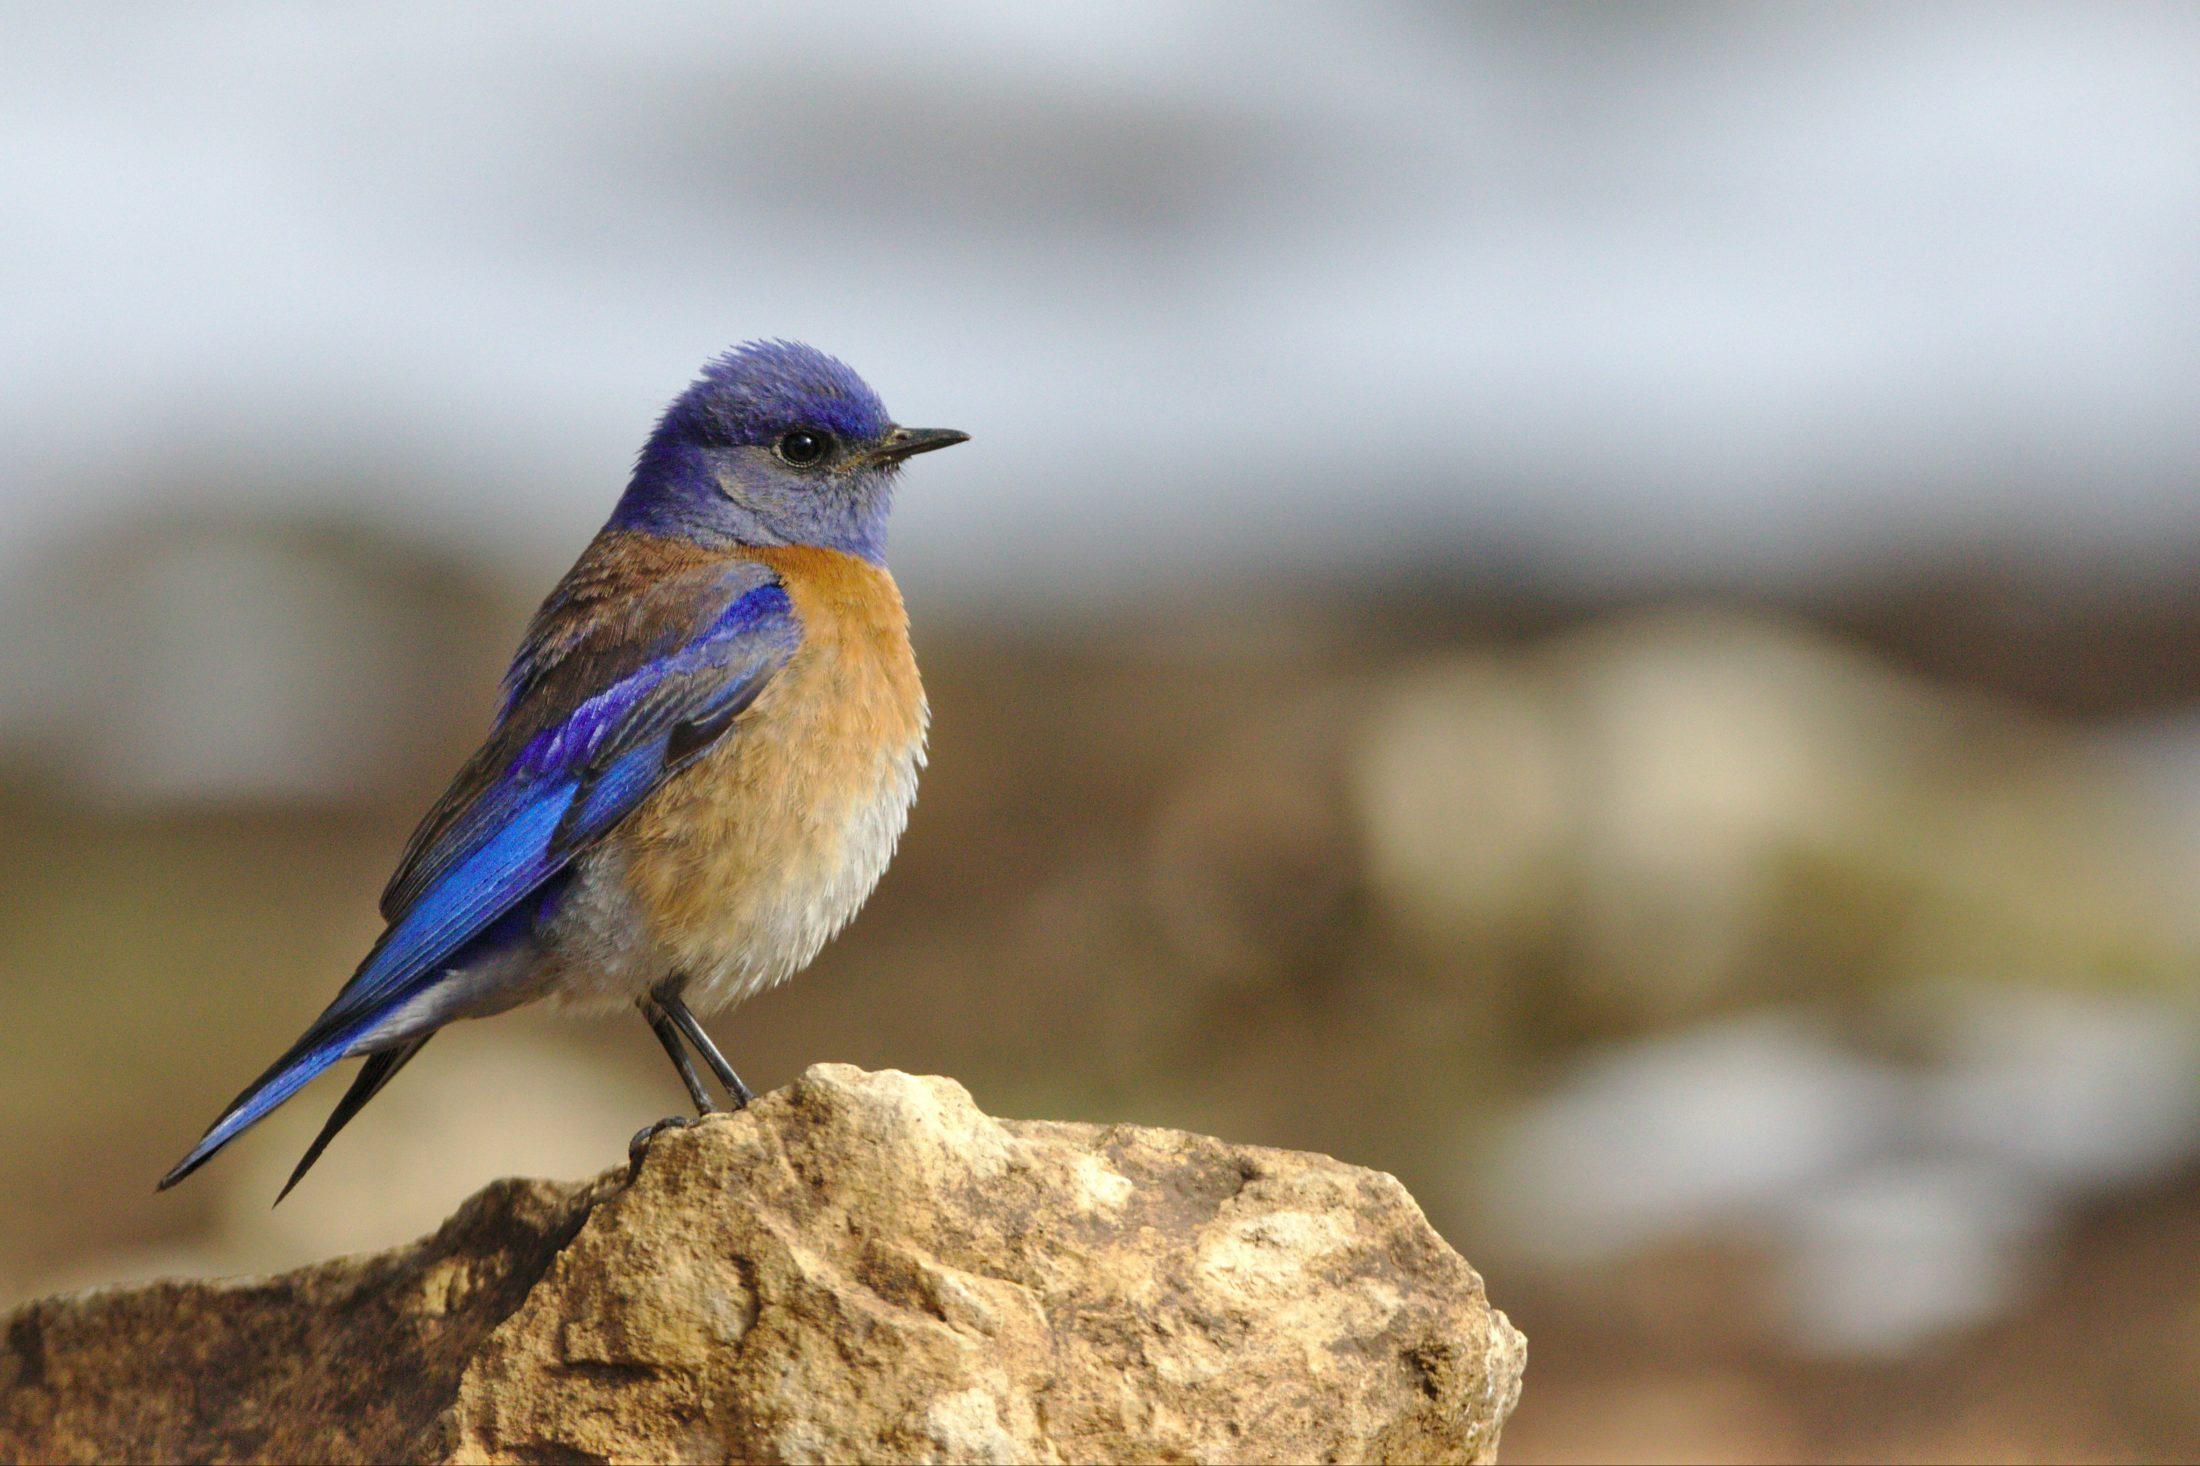 passarinho fora do viveiro para pássaro